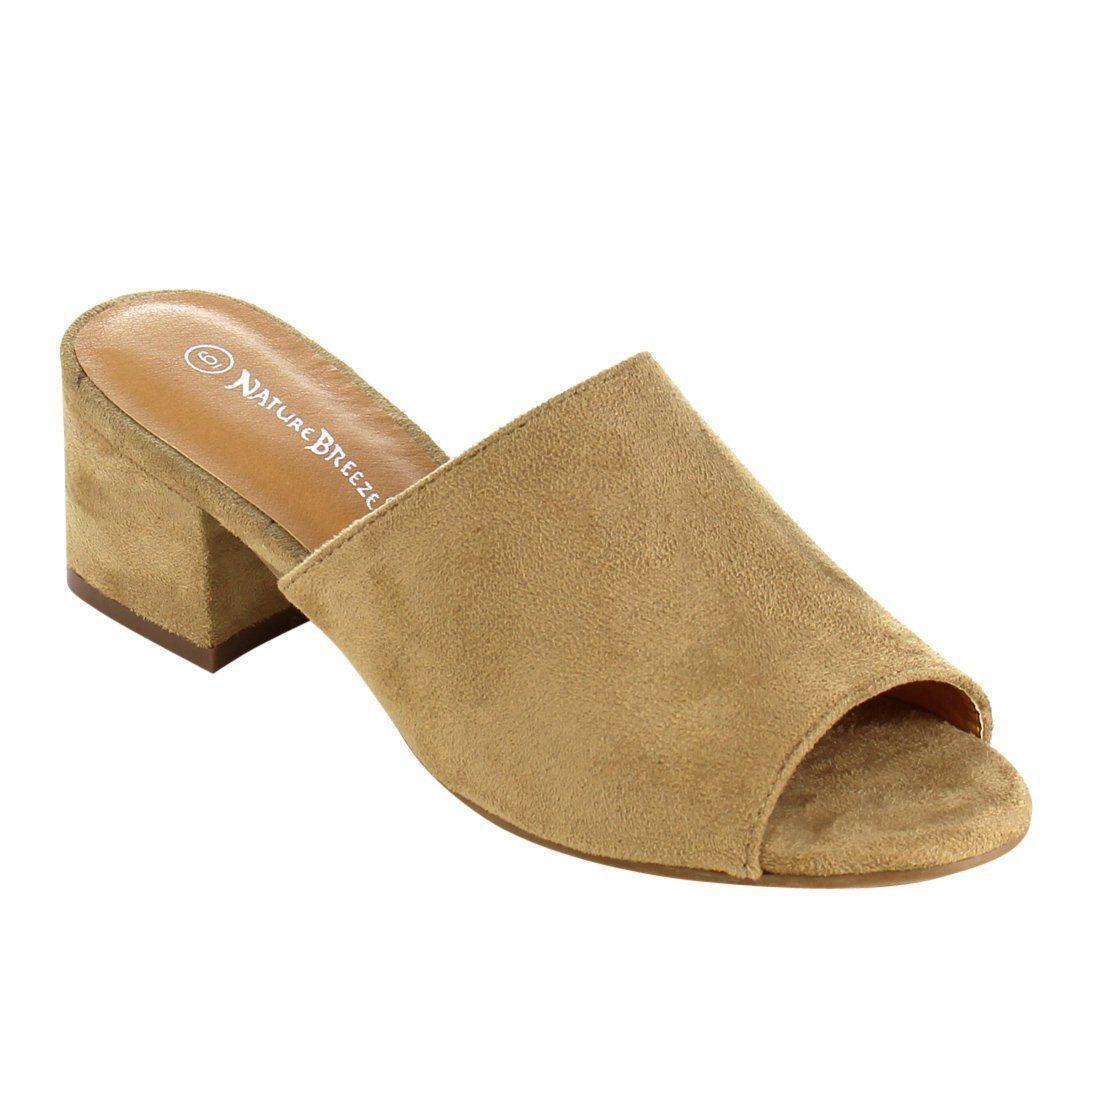 744dc0c3a7 Betani FK51 Women s Peep Toe Ruffles Slip On Block Heel Mule Sandals in  2019